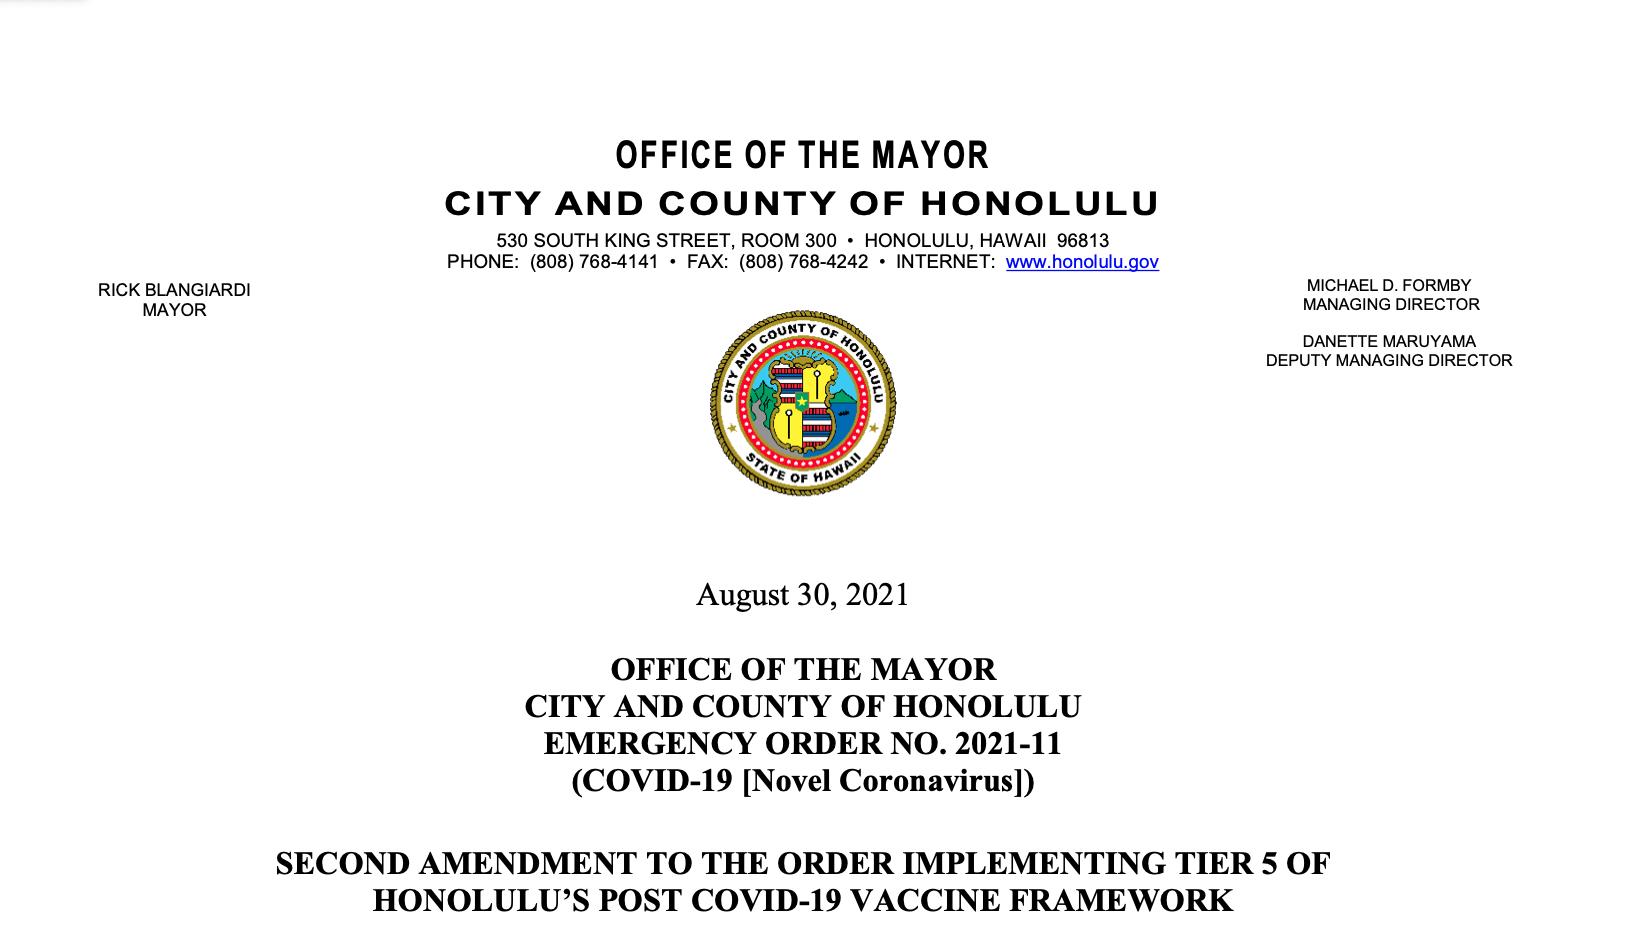 ハワイ州ホノルル市 ワクチン接種カード等の提示を求める緊急事態命令発出